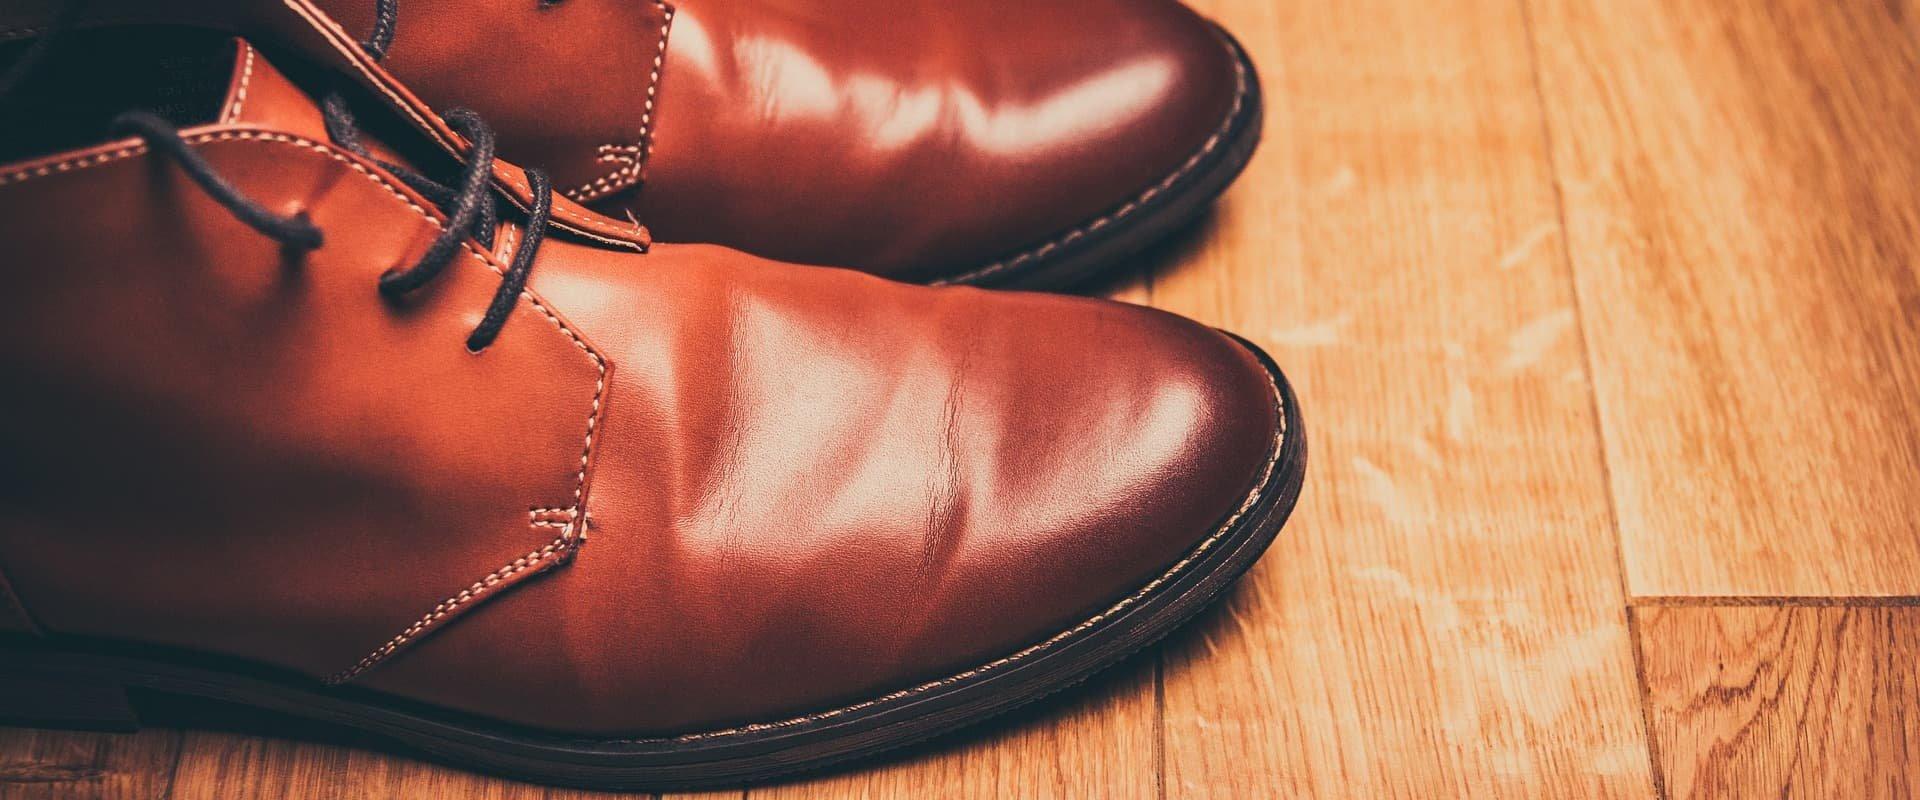 COSYS Retail Management Software für den Leder und Schuhhandel